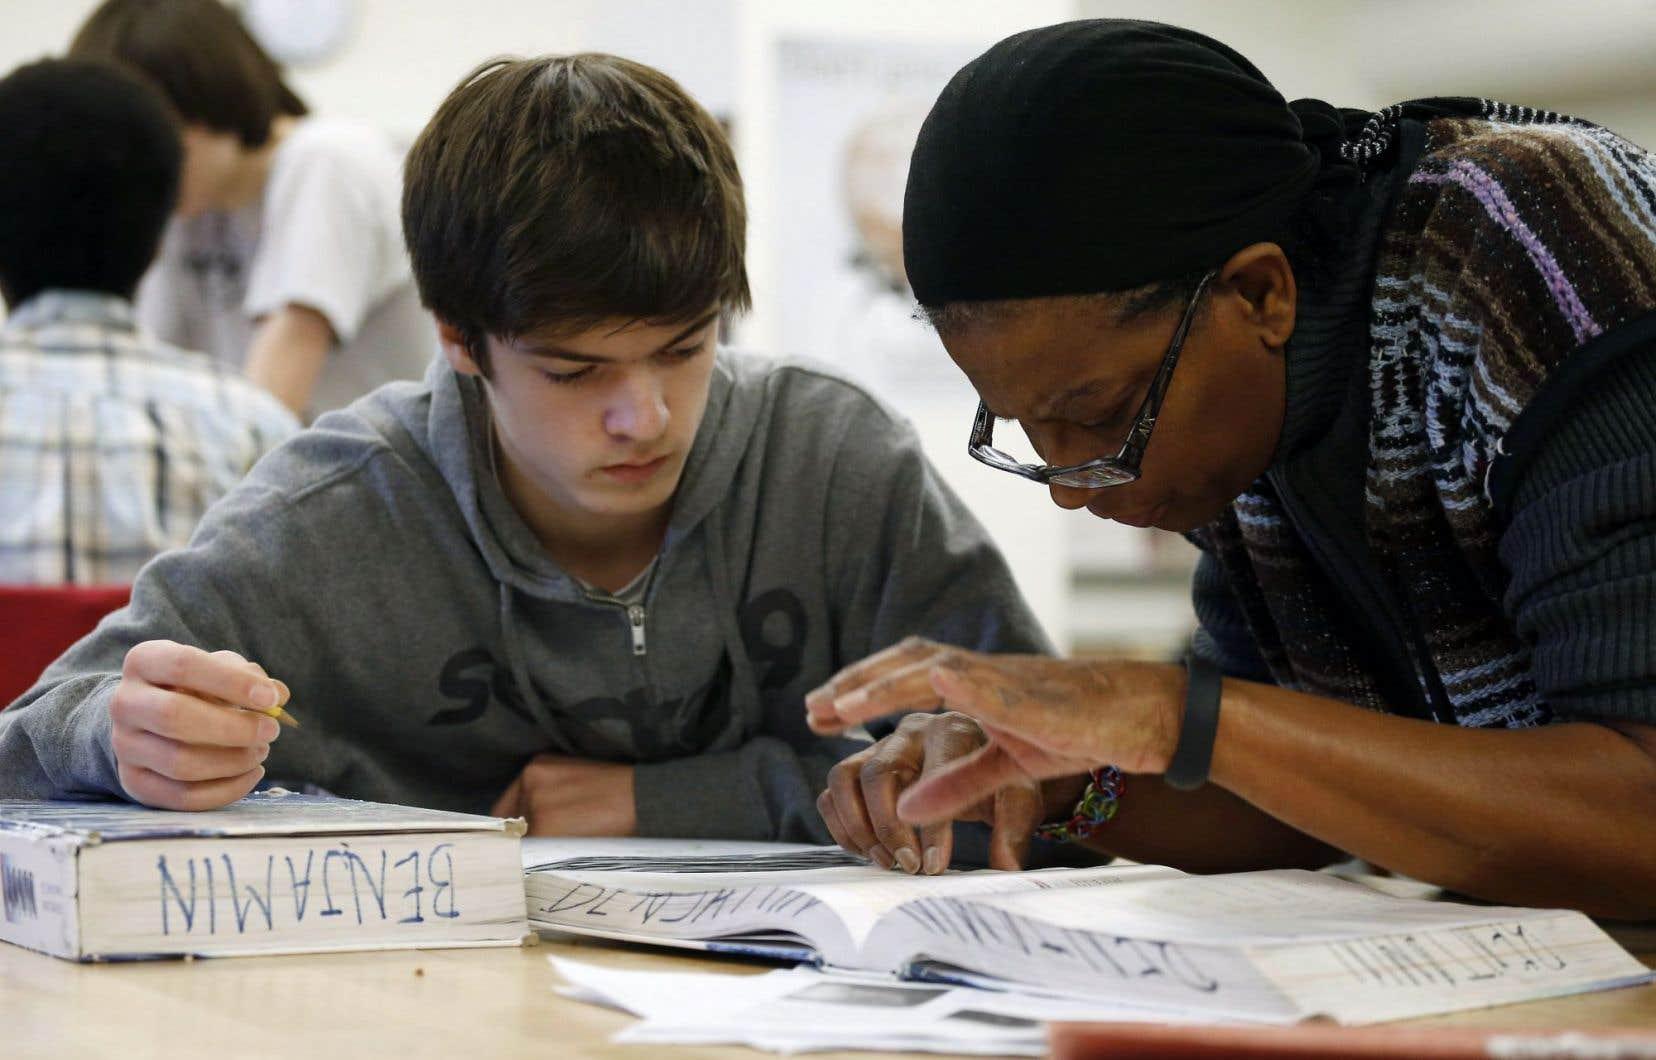 Selon un sondage commandé par la CSQ, seulement 34% des citoyens interrogés jugent que le réseau scolaire public dispose des moyens suffisants pour s'occuper avec équité des élèves handicapés ou en difficulté d'adaptation ou d'apprentissage.